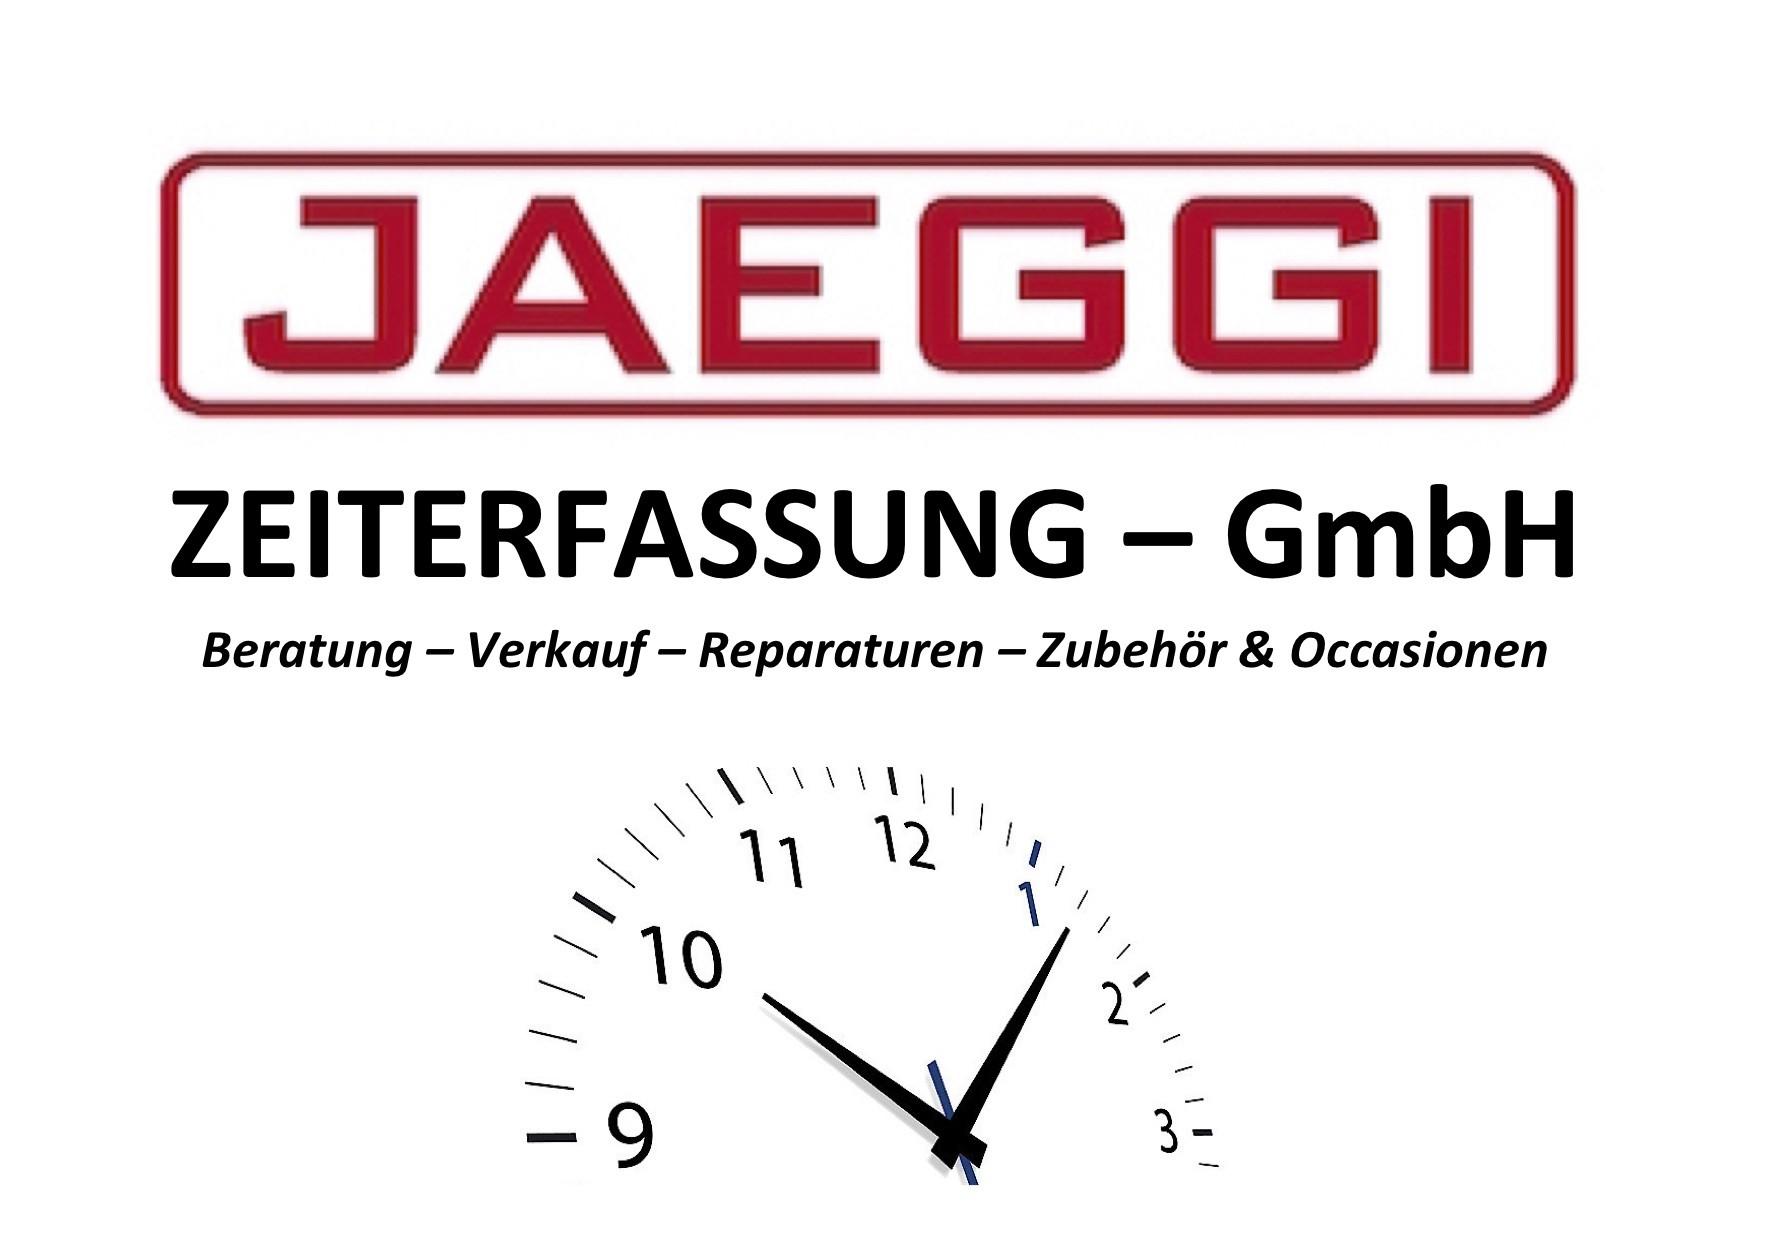 Jaeggi Zeiterfassung GmbH Lyss + Zürich